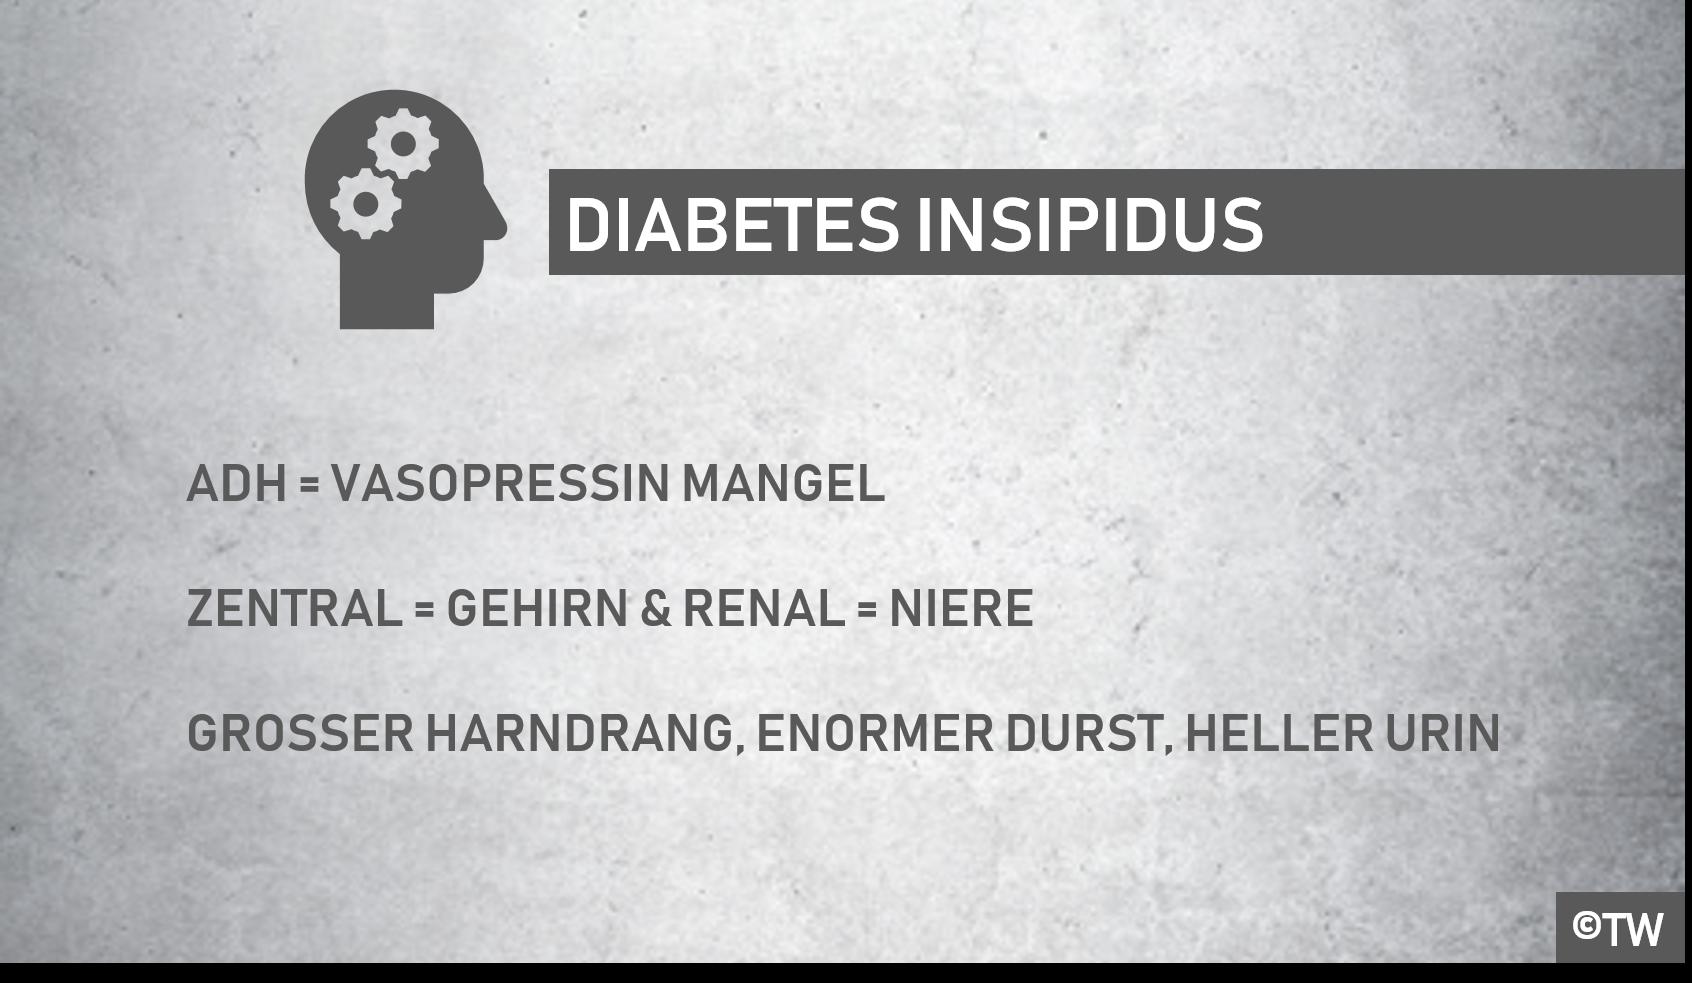 vermehrte urinausscheidung diabetes insípida